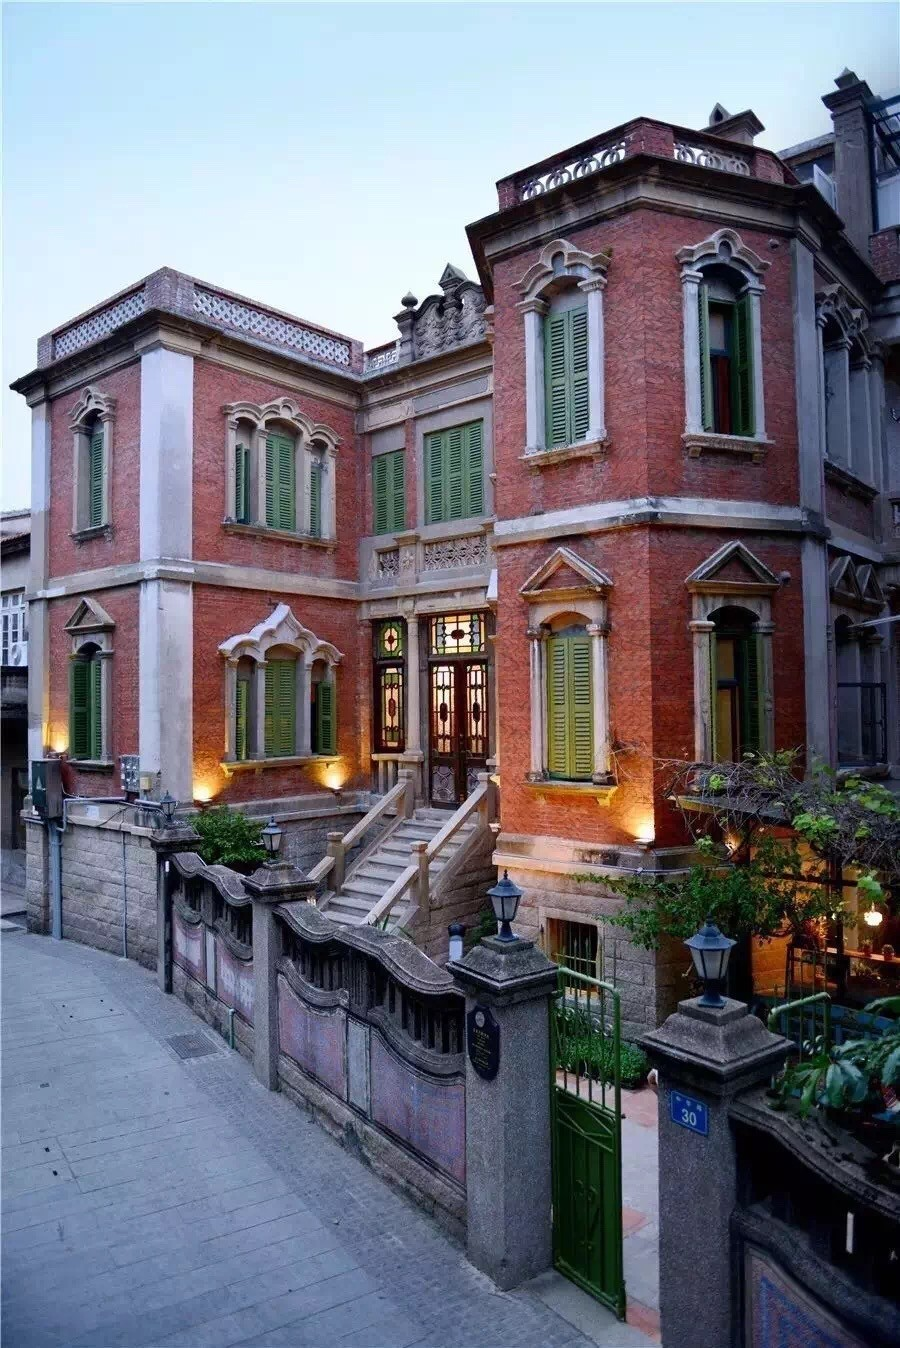 Yang Tao Hotel, Fu Xing Castle (Yang Tao Yuan Zi, Fu Xing Gu Bao Dian 杨桃院子, 复兴古堡店)